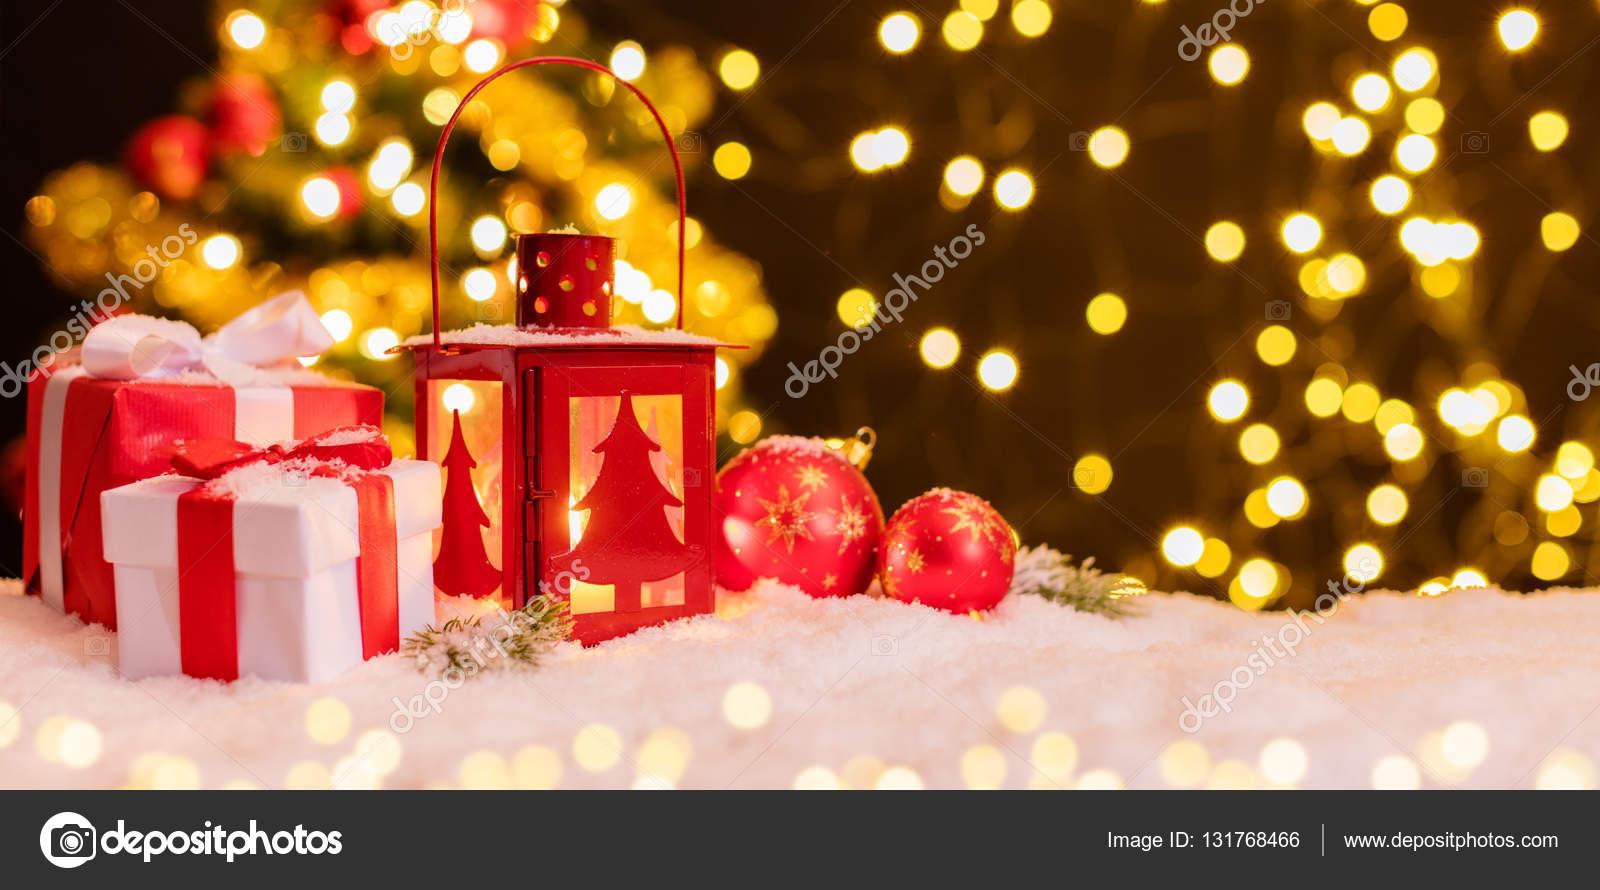 https://st3.depositphotos.com/1105977/13176/i/1600/depositphotos_131768466-stockafbeelding-sfeervolle-kerst-vensterbank-met-decoratie.jpg